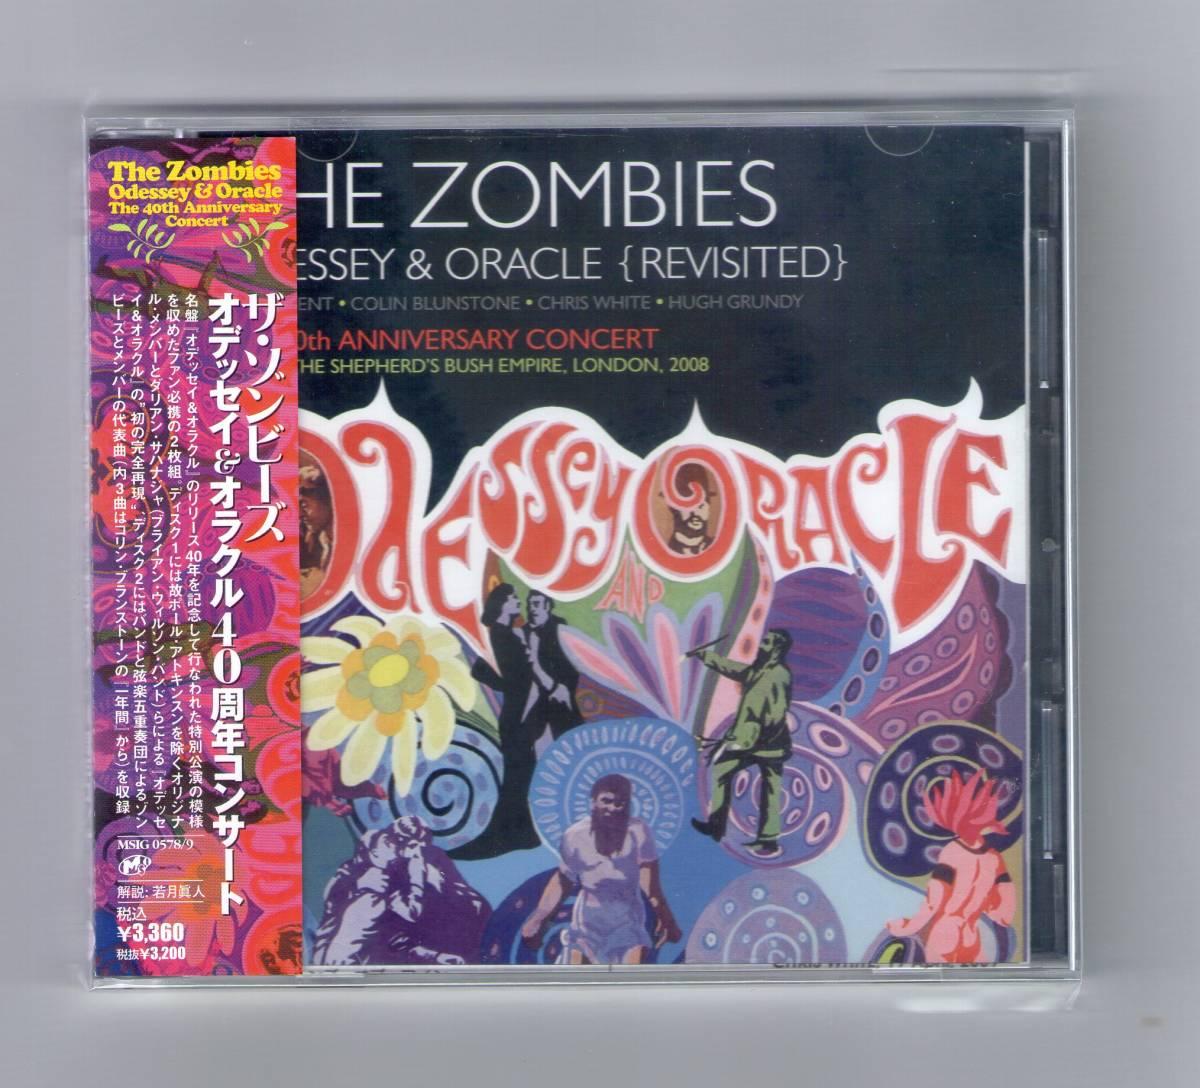 ザ・ゾンビーズ the zombies / オデッセイ&オラクル40周年コンサート 60年代英国音楽の金字塔 解説付 2枚組 1,700円即決 新品同様_画像1